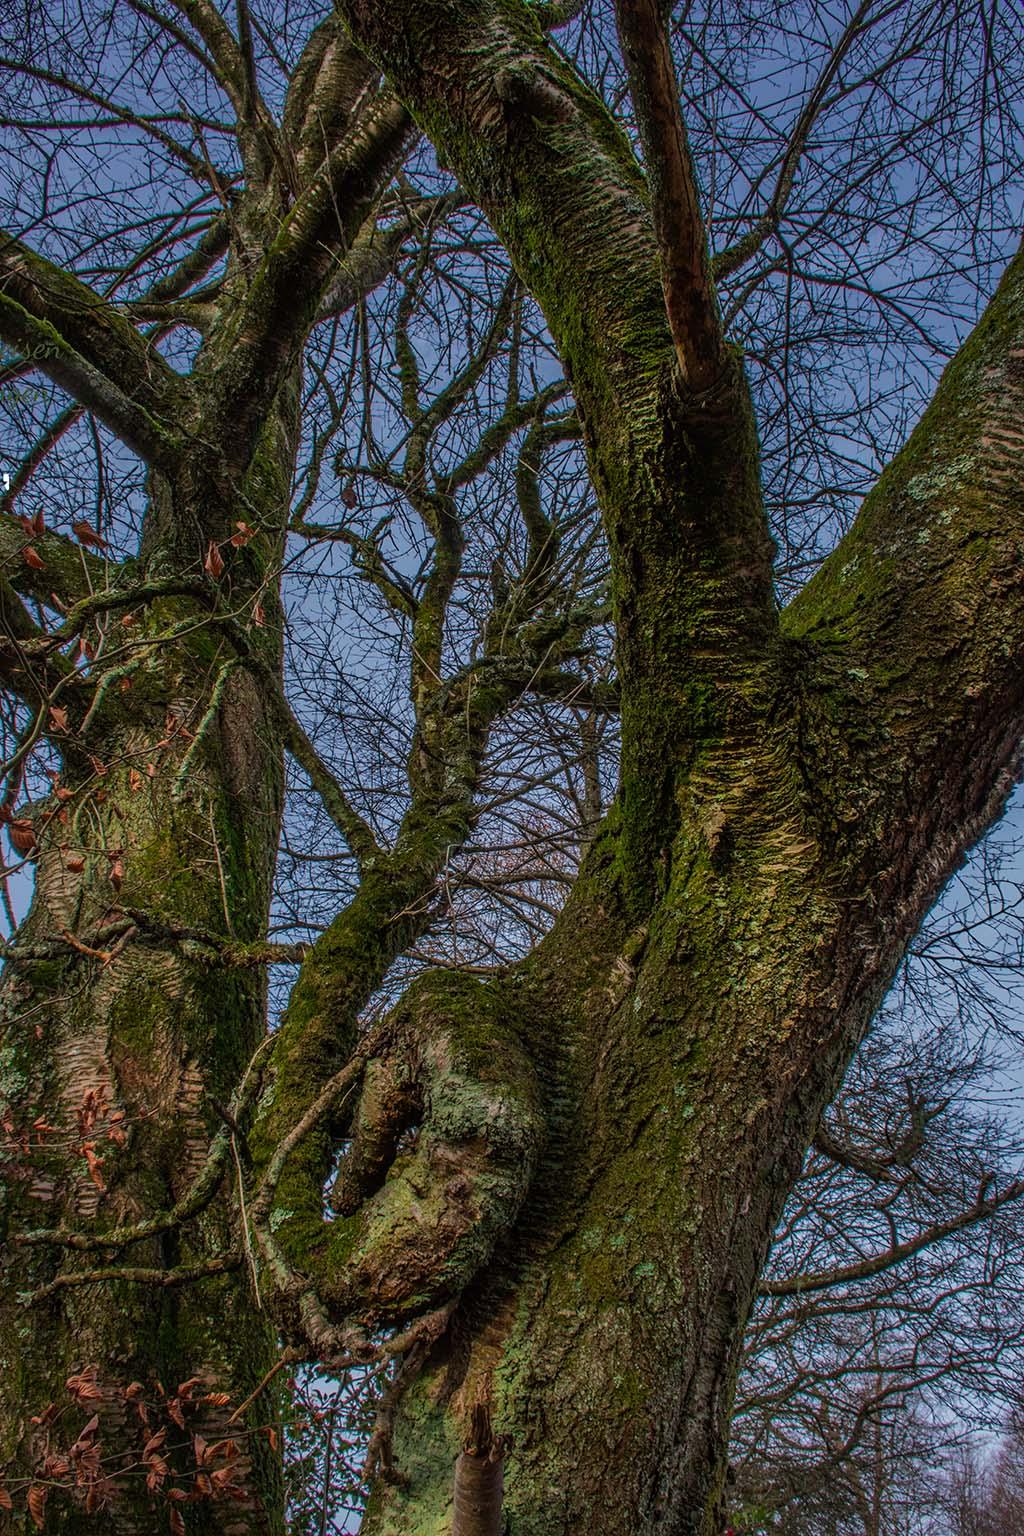 Ein Baum mit Schnörkel